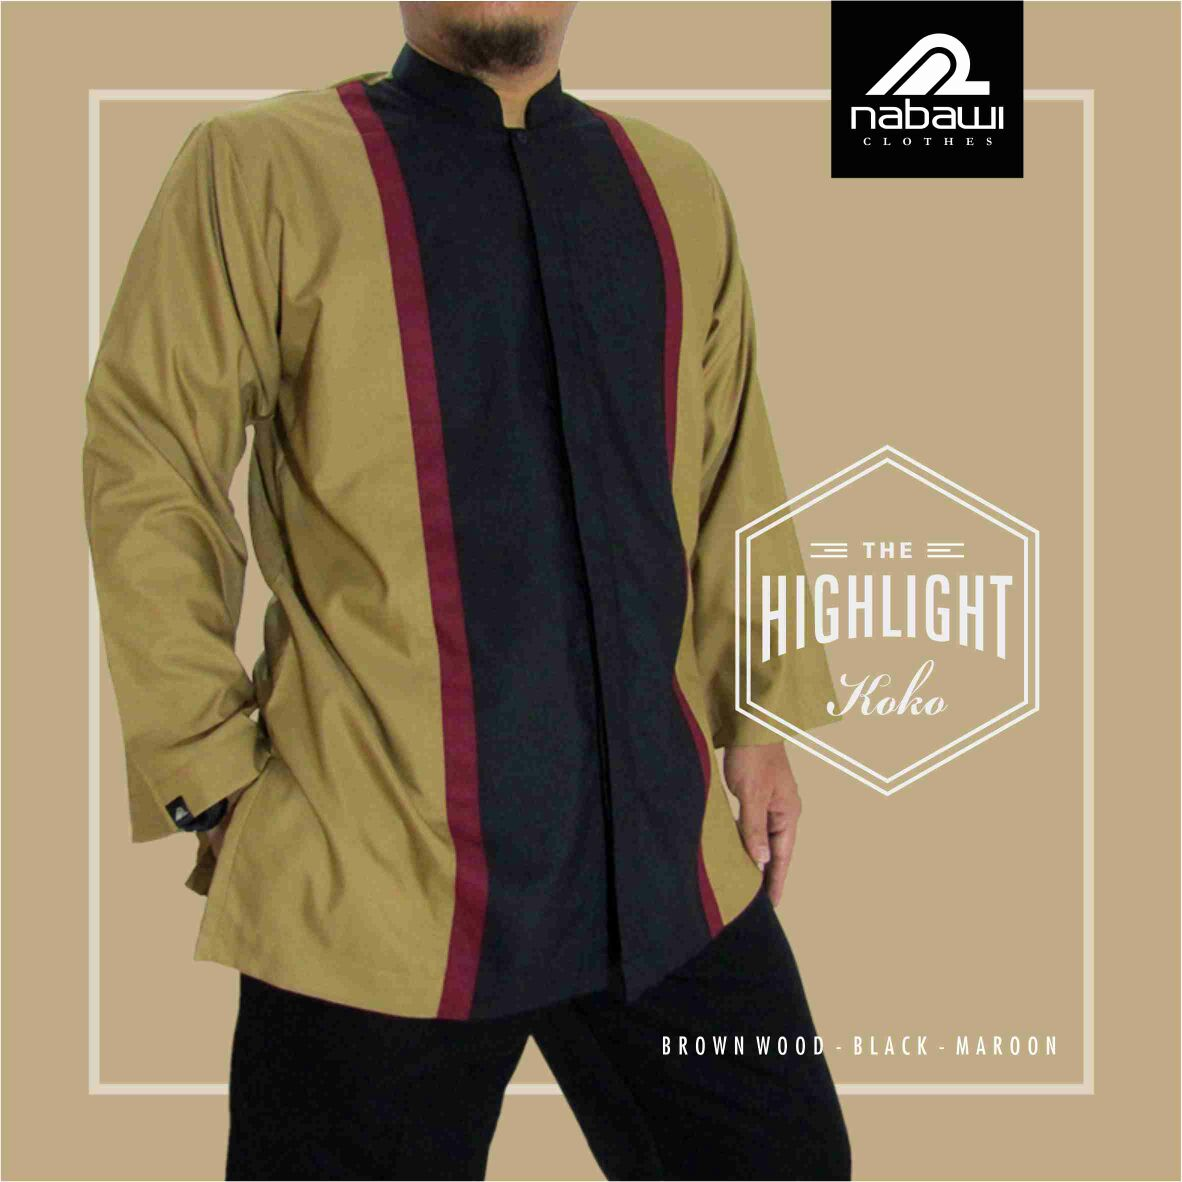 Jual Baju Koko Pria Muslim Nabawi Clothes Terbaru Ramadhan 2018 coklat